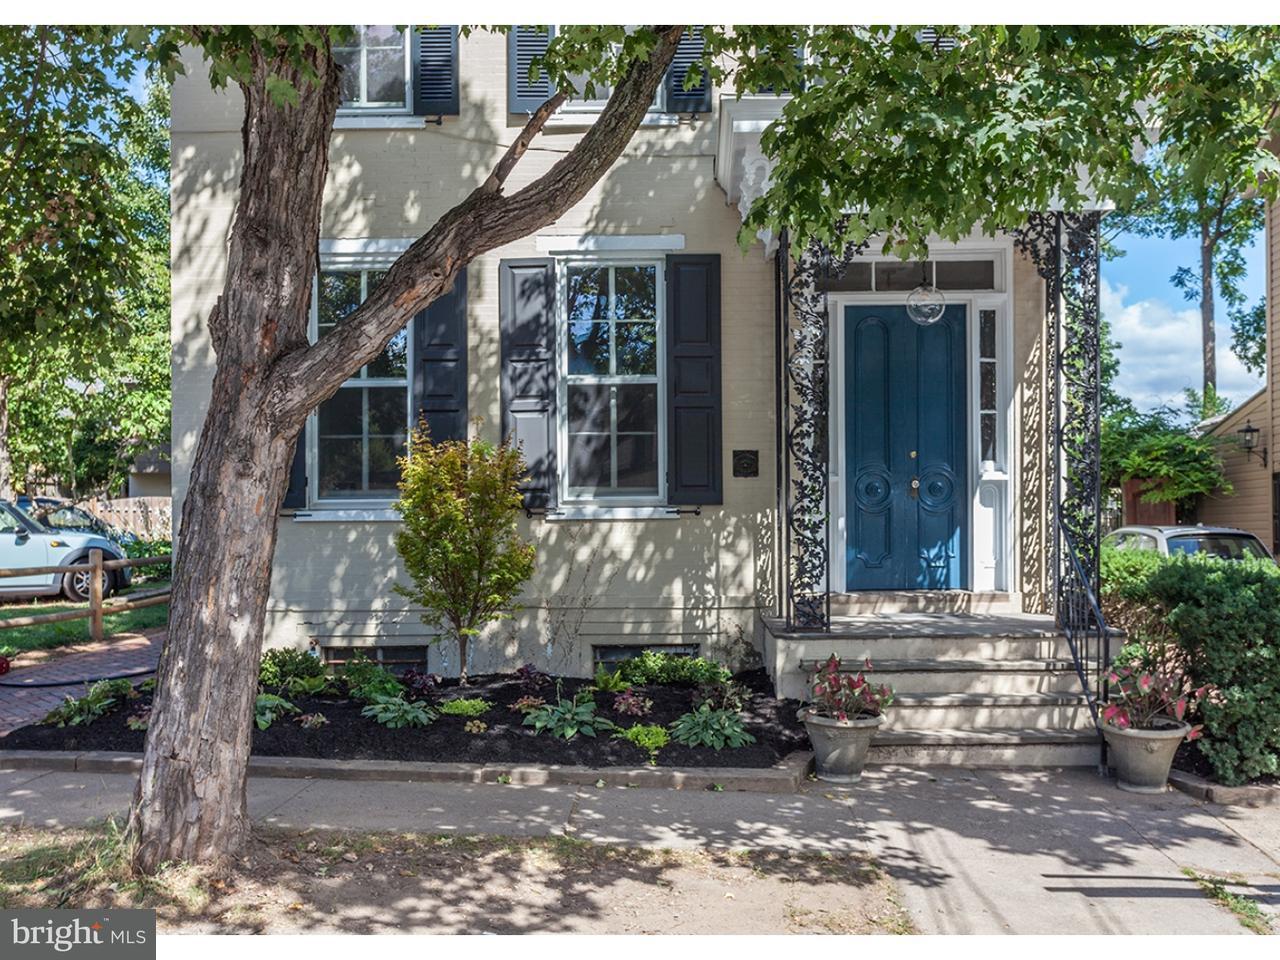 独户住宅 为 出租 在 72 W BRIDGE ST #1 新希望镇, 宾夕法尼亚州 18938 美国